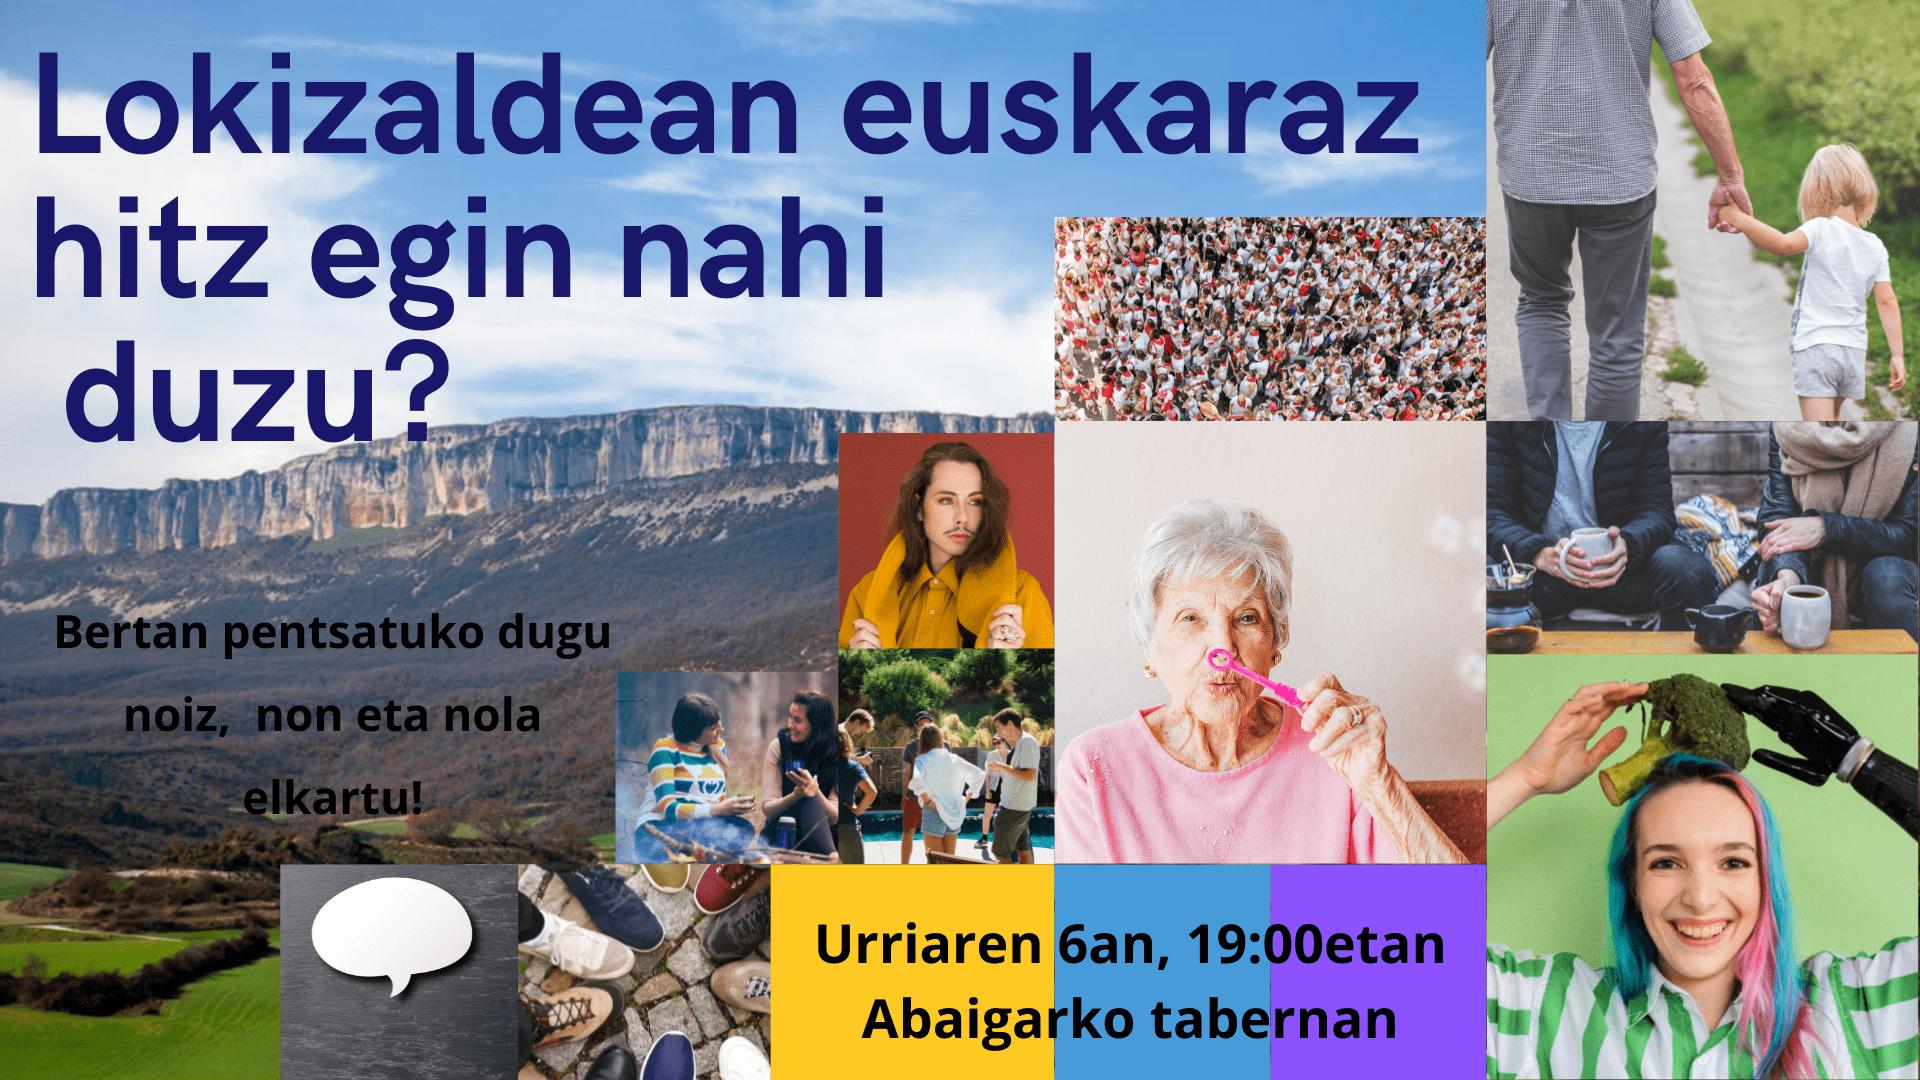 Lokizaldean euskaraz aritu nahi? irudia - iragarkilaburrak.eus